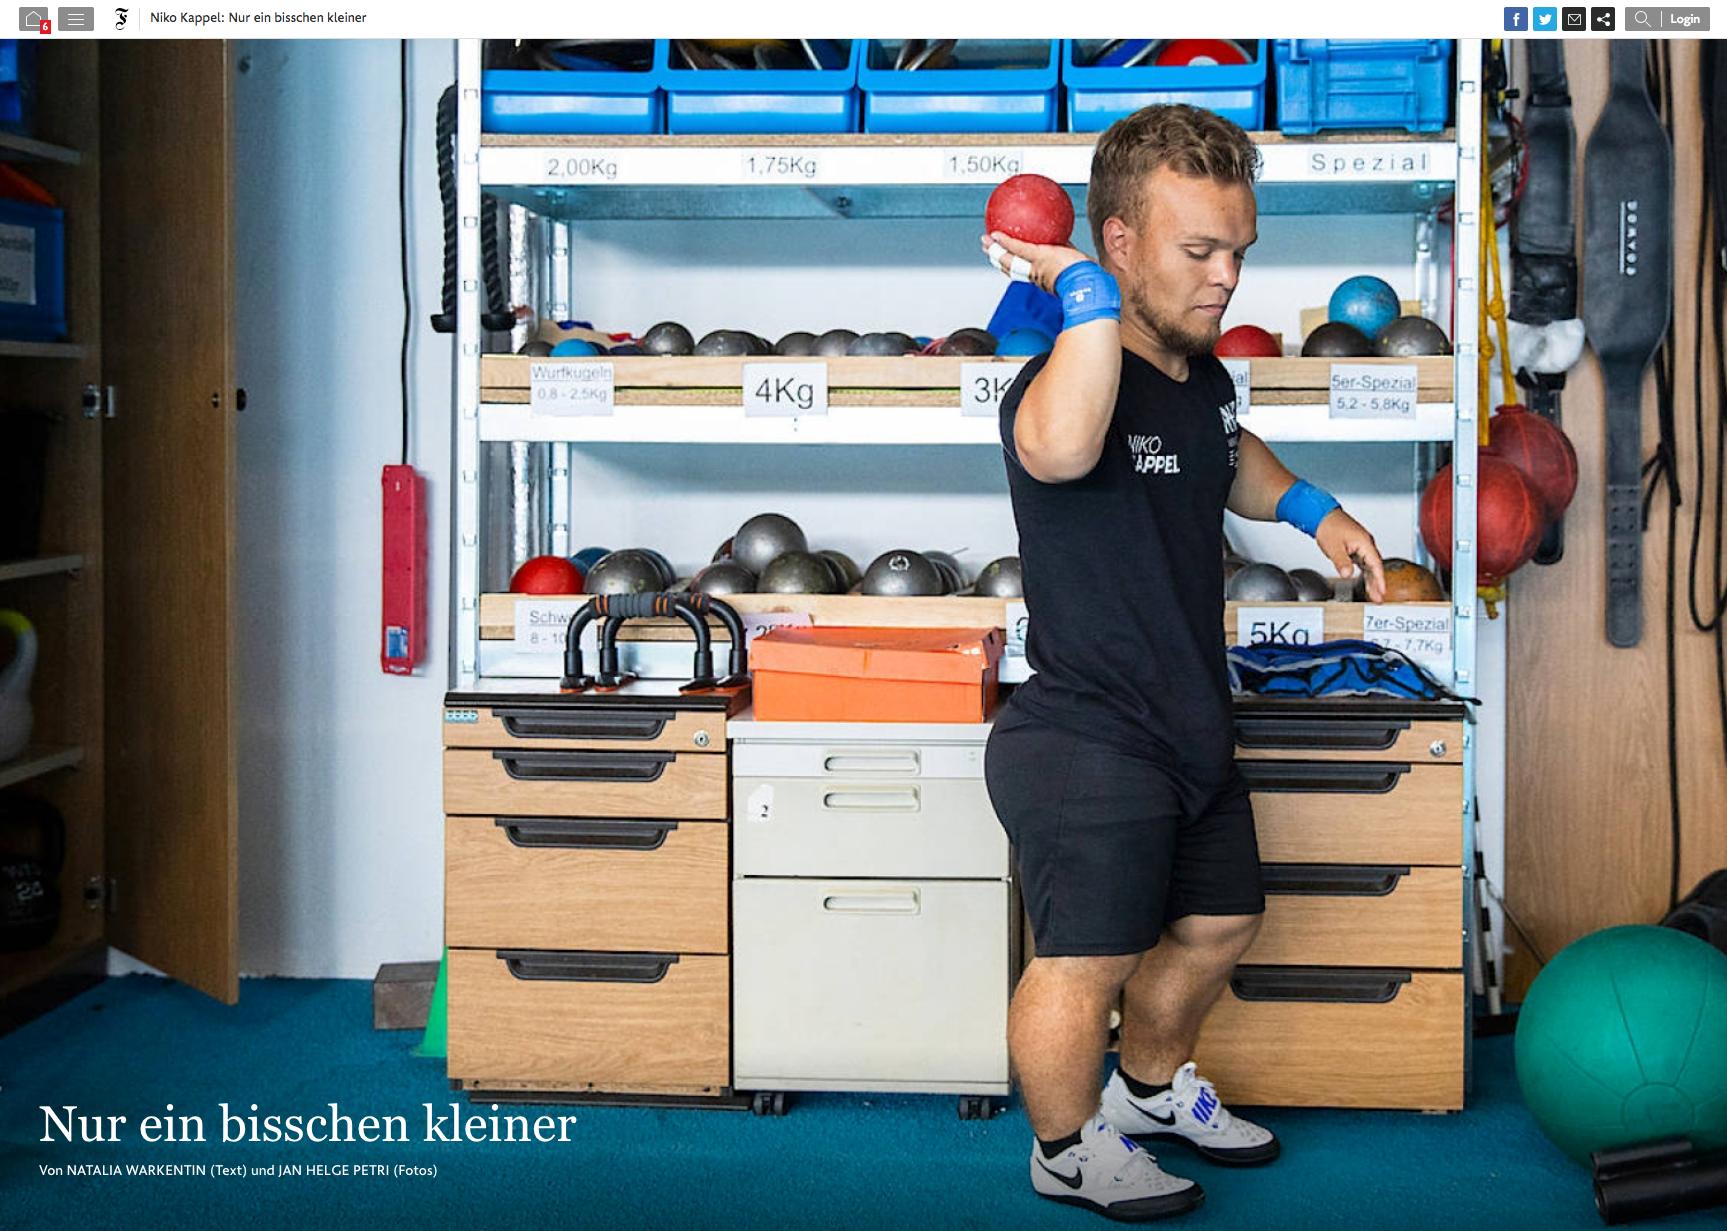 Frankfurter Allgemeine Zeitung (Germany), August 2018